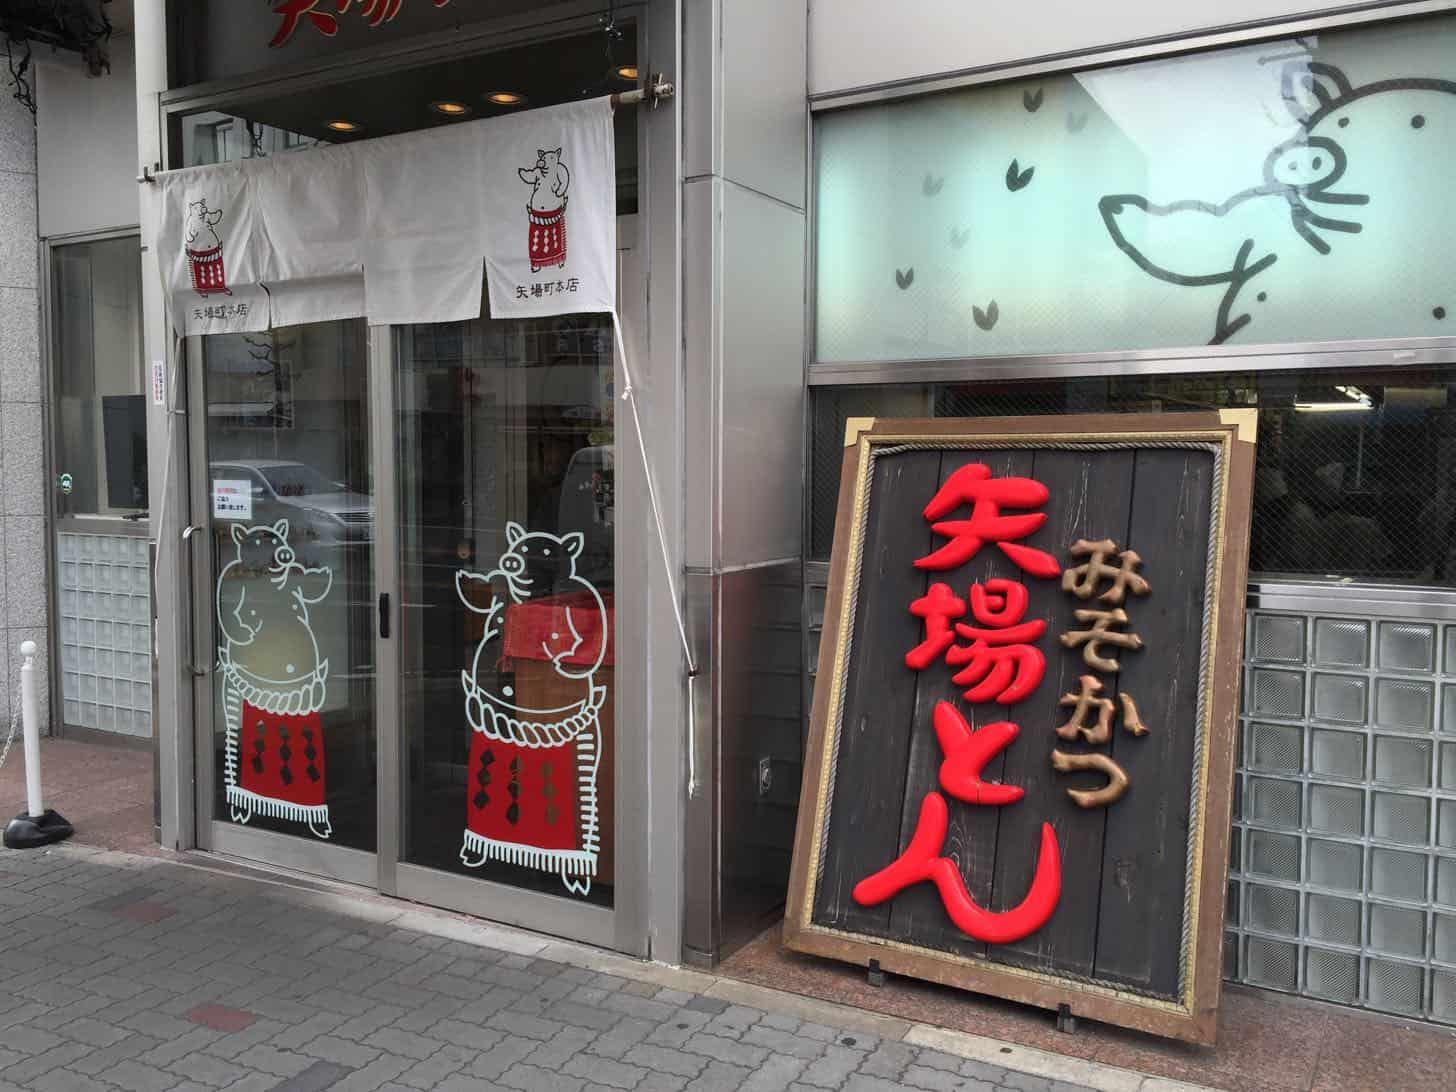 มิโซะคัตสึ ยาบะตง สาขาใหญ่ (Misokatsu Yabaton Honten : みそかつ矢場とん 本店) ที่นาโกย่า